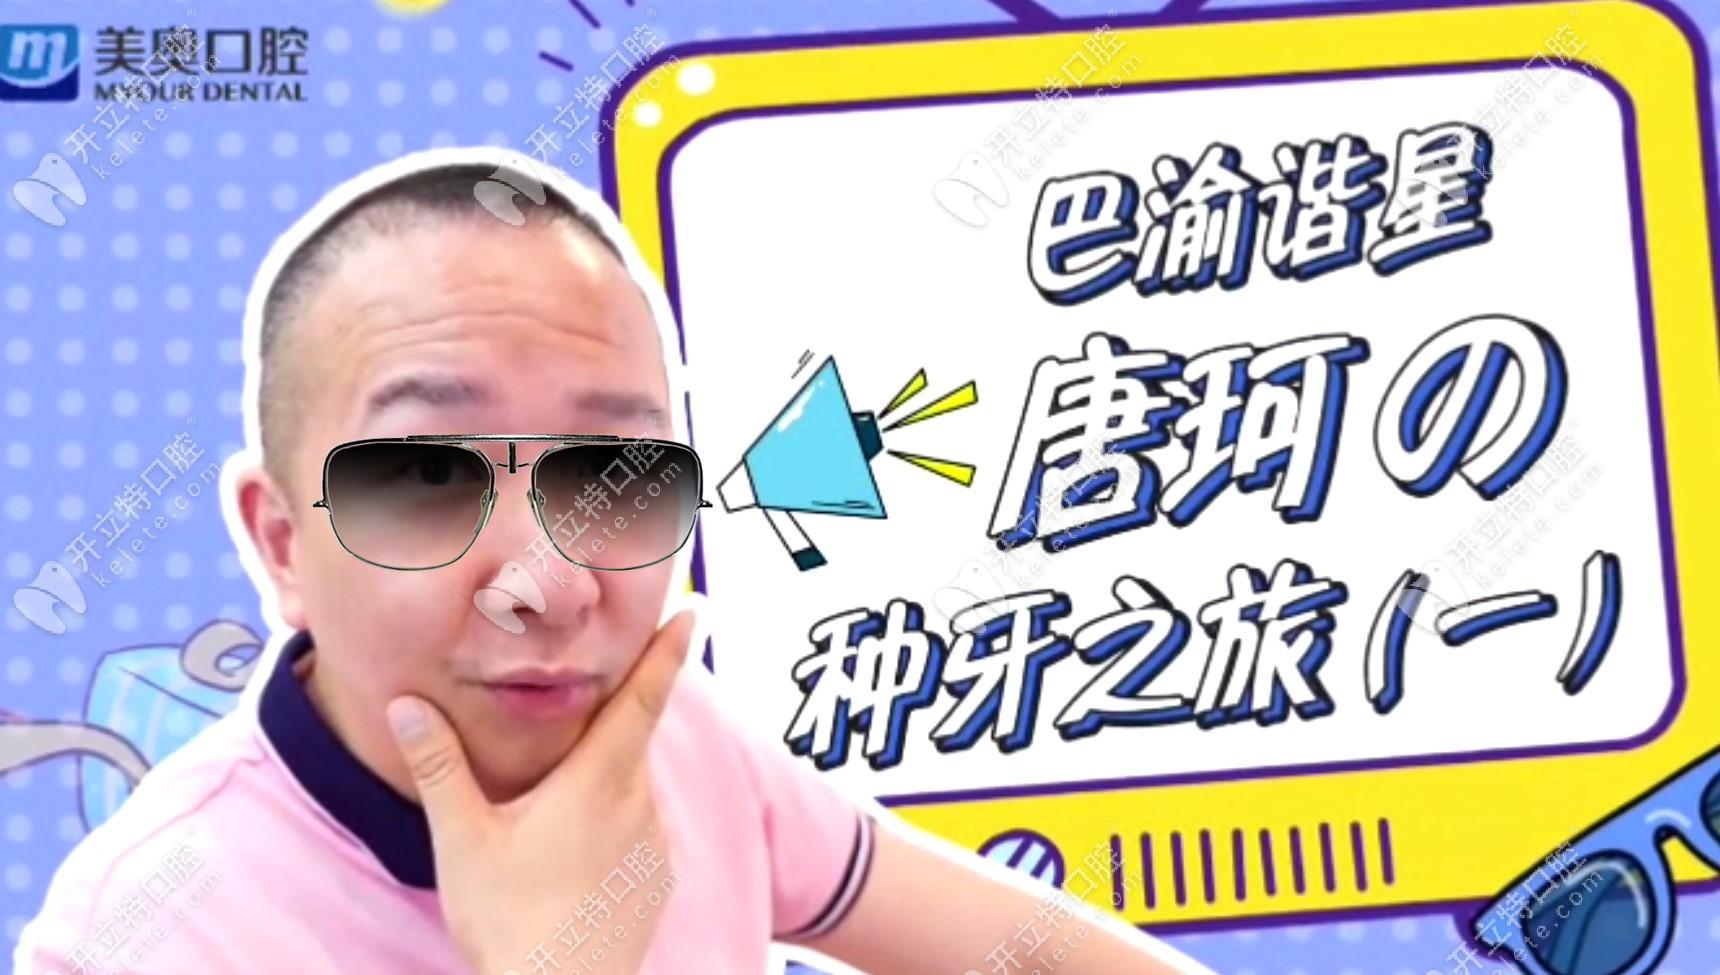 重庆中渝美奥口腔怎么样呢?巴渝谐星探店后分享看牙初体验